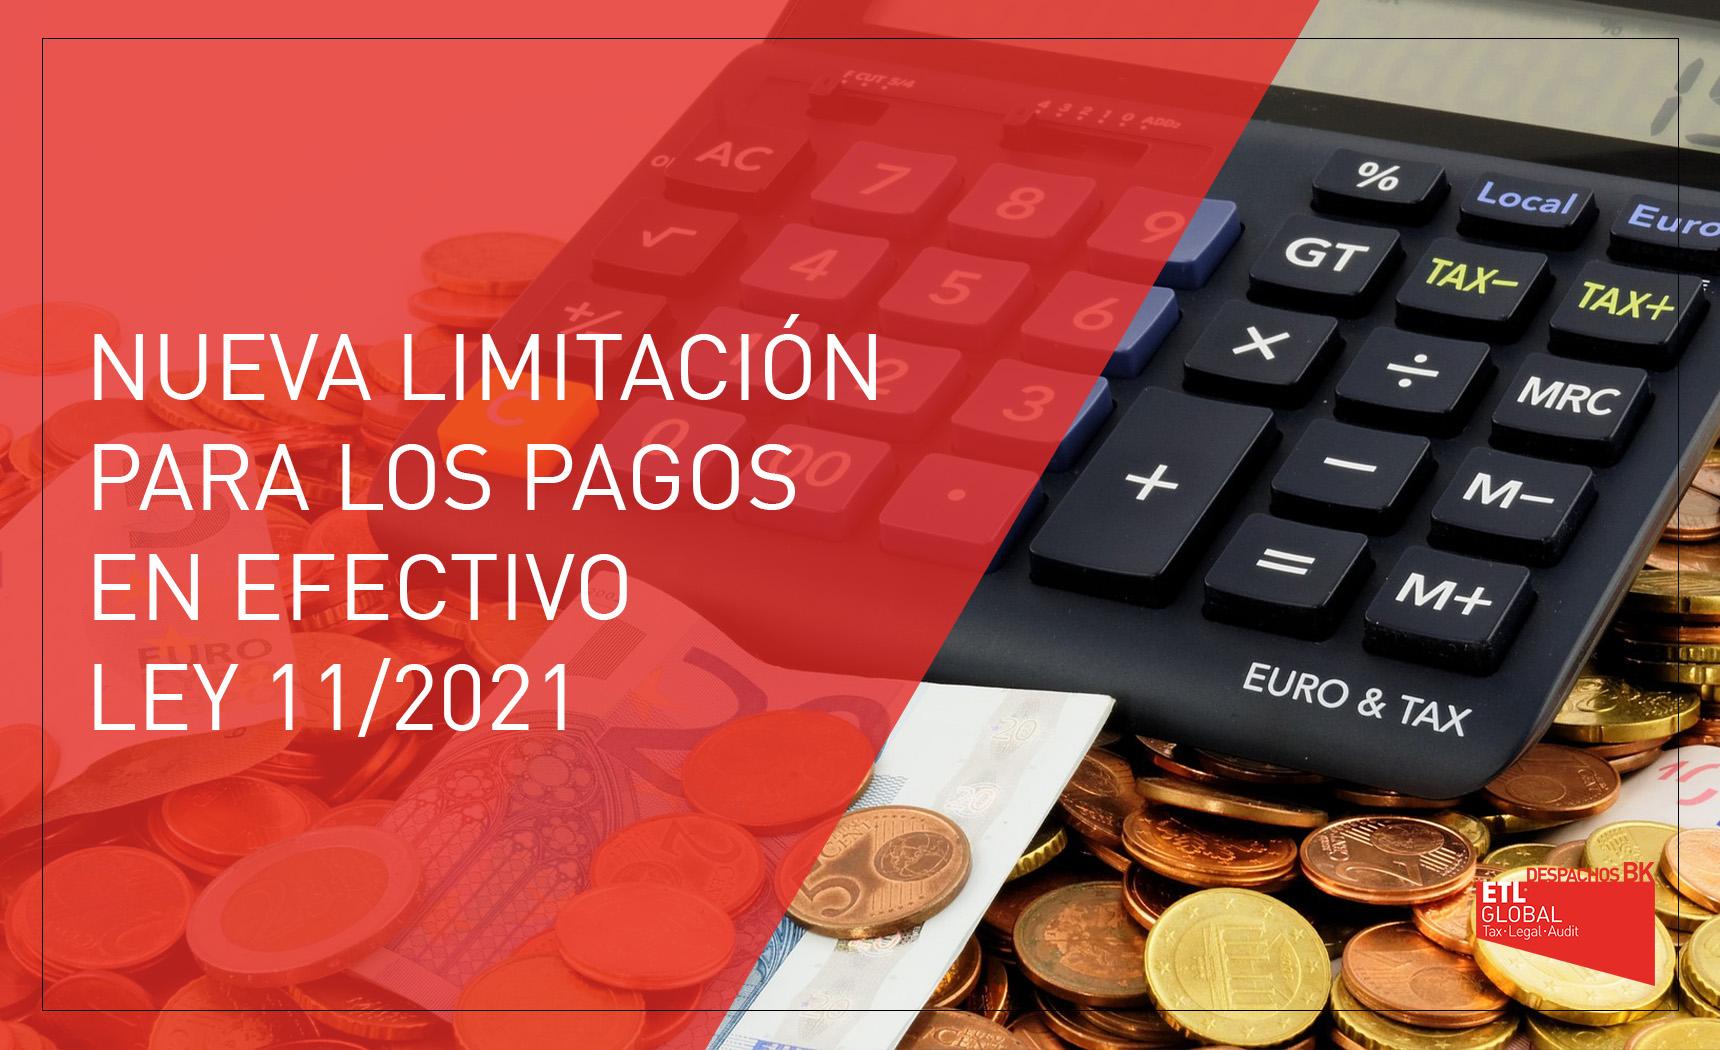 Ley 11 2021 limitación pagos efectivo